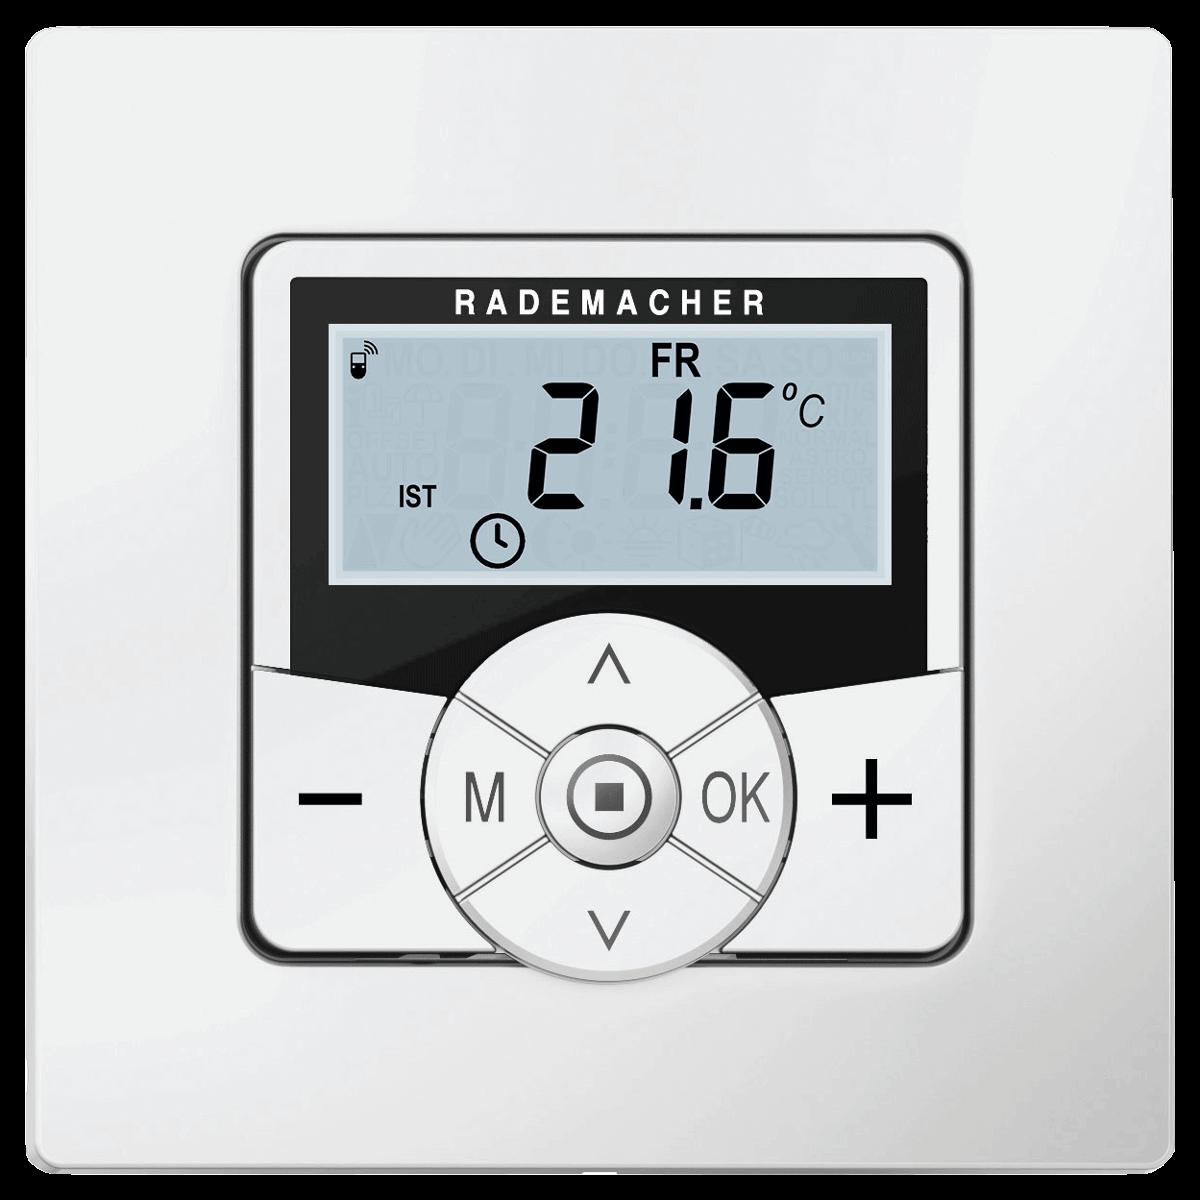 Rademacher Raumthermostat zur Steuerung von Heizkörpern und Fußbodenheizungen, mit DuoFern-Funk